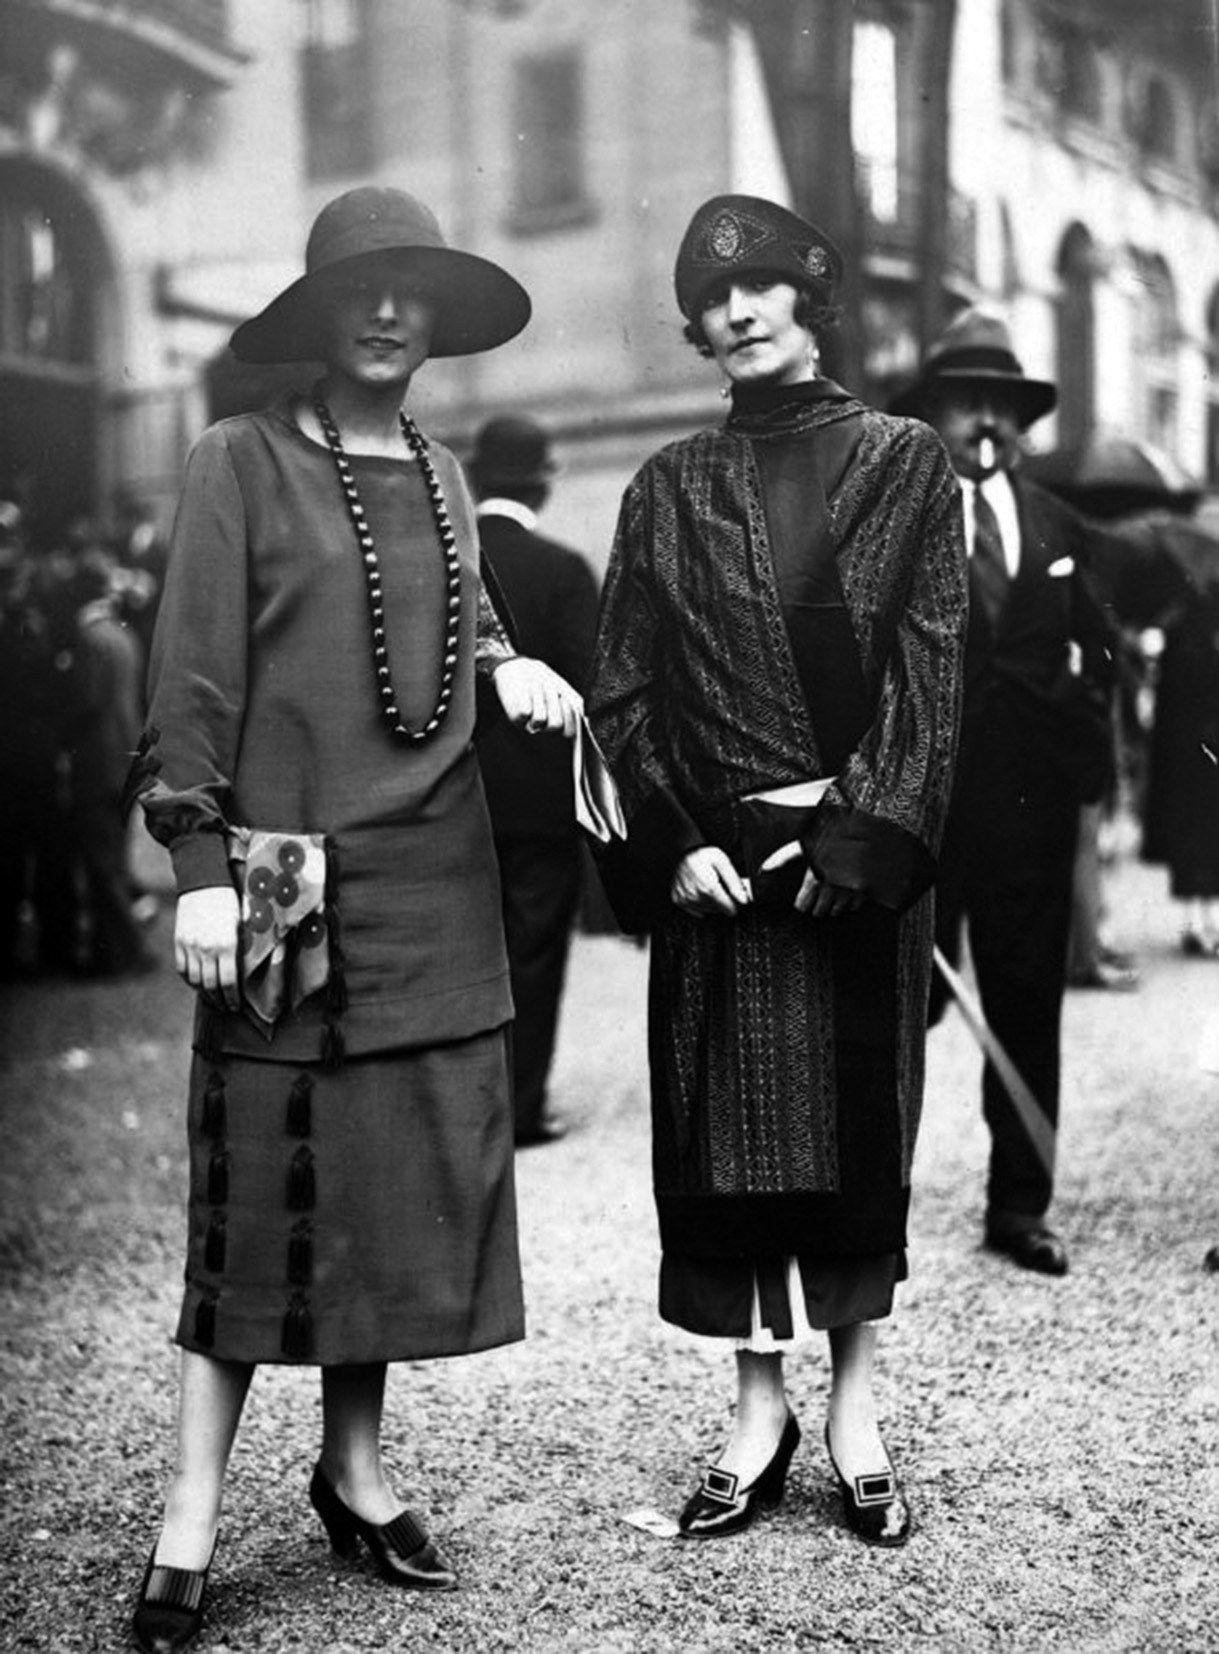 Inspirierende 1920er Jahren Frauen Frisuren 1920er Frauen Frisuren Inspirierende Jahren 1920s Fashion 1920 Fashion Fashion